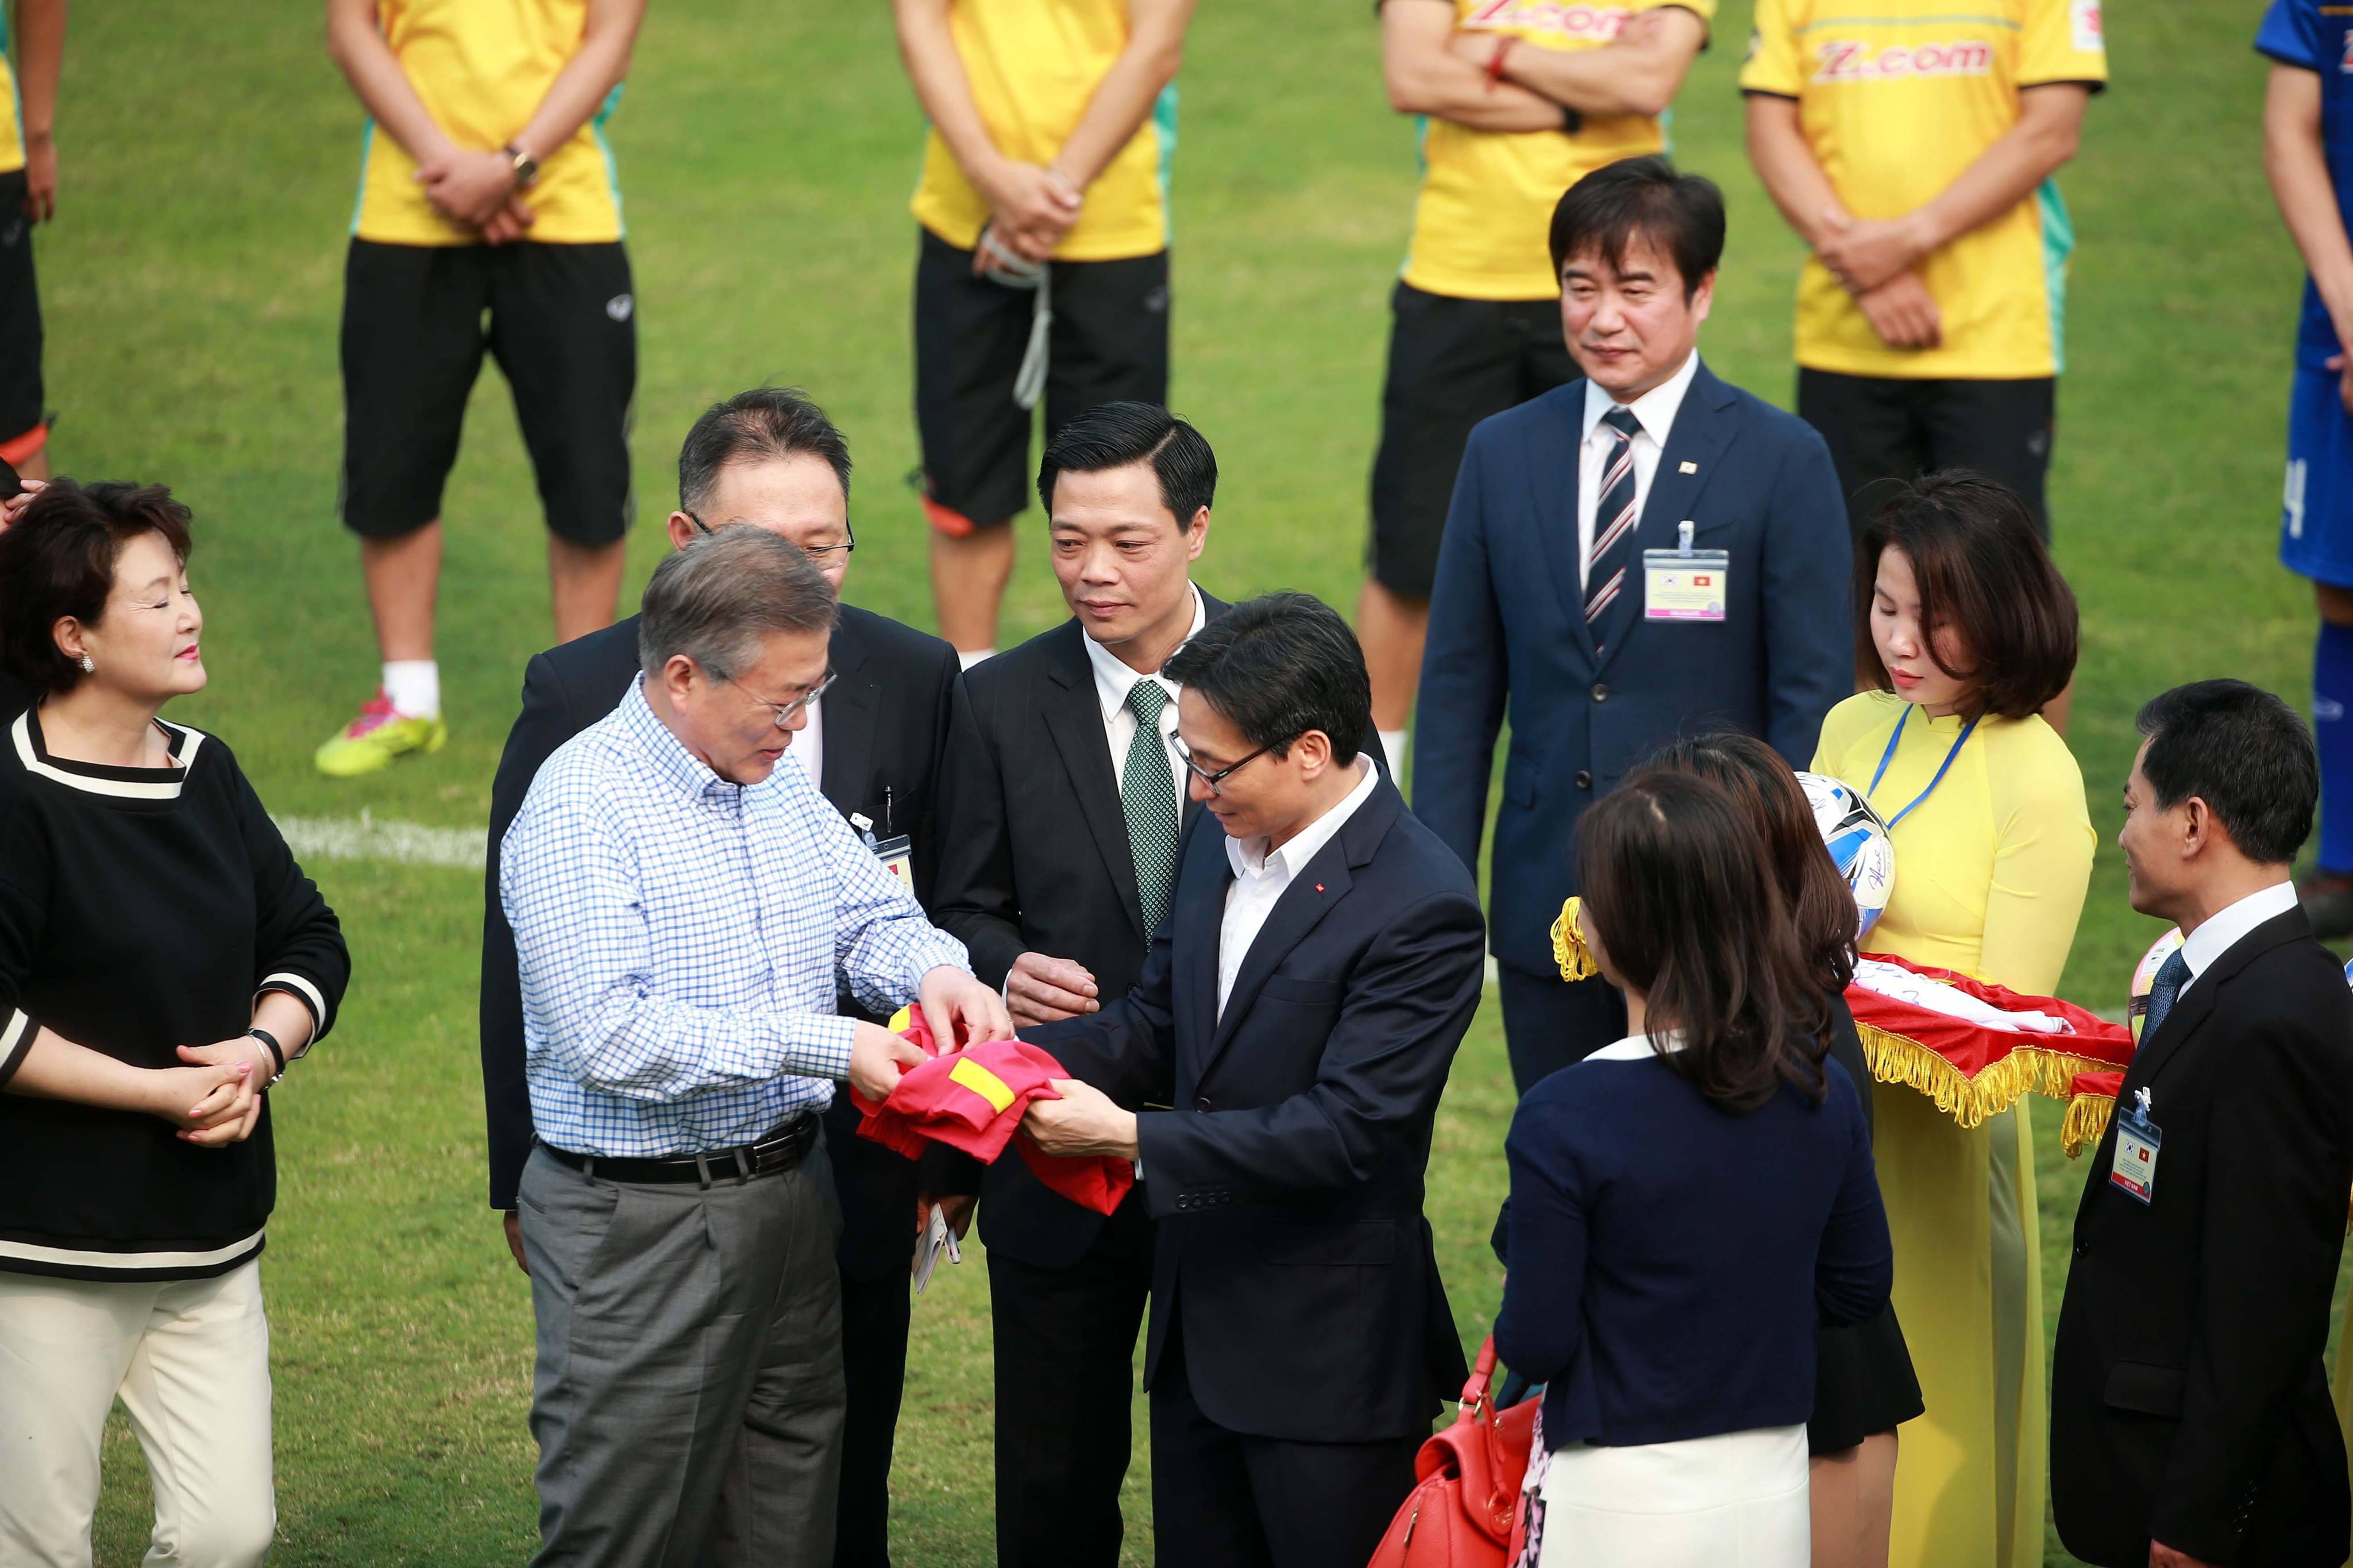 Phó Thủ tướng Vũ Đức Đam trao áo khoác cho Tổng Thống Hàn Quốc trước khi hai ông tham gia đá bóng cùng HLV Park Hang Seo và Xuân Trường. Ảnh: NAM KHÁNH